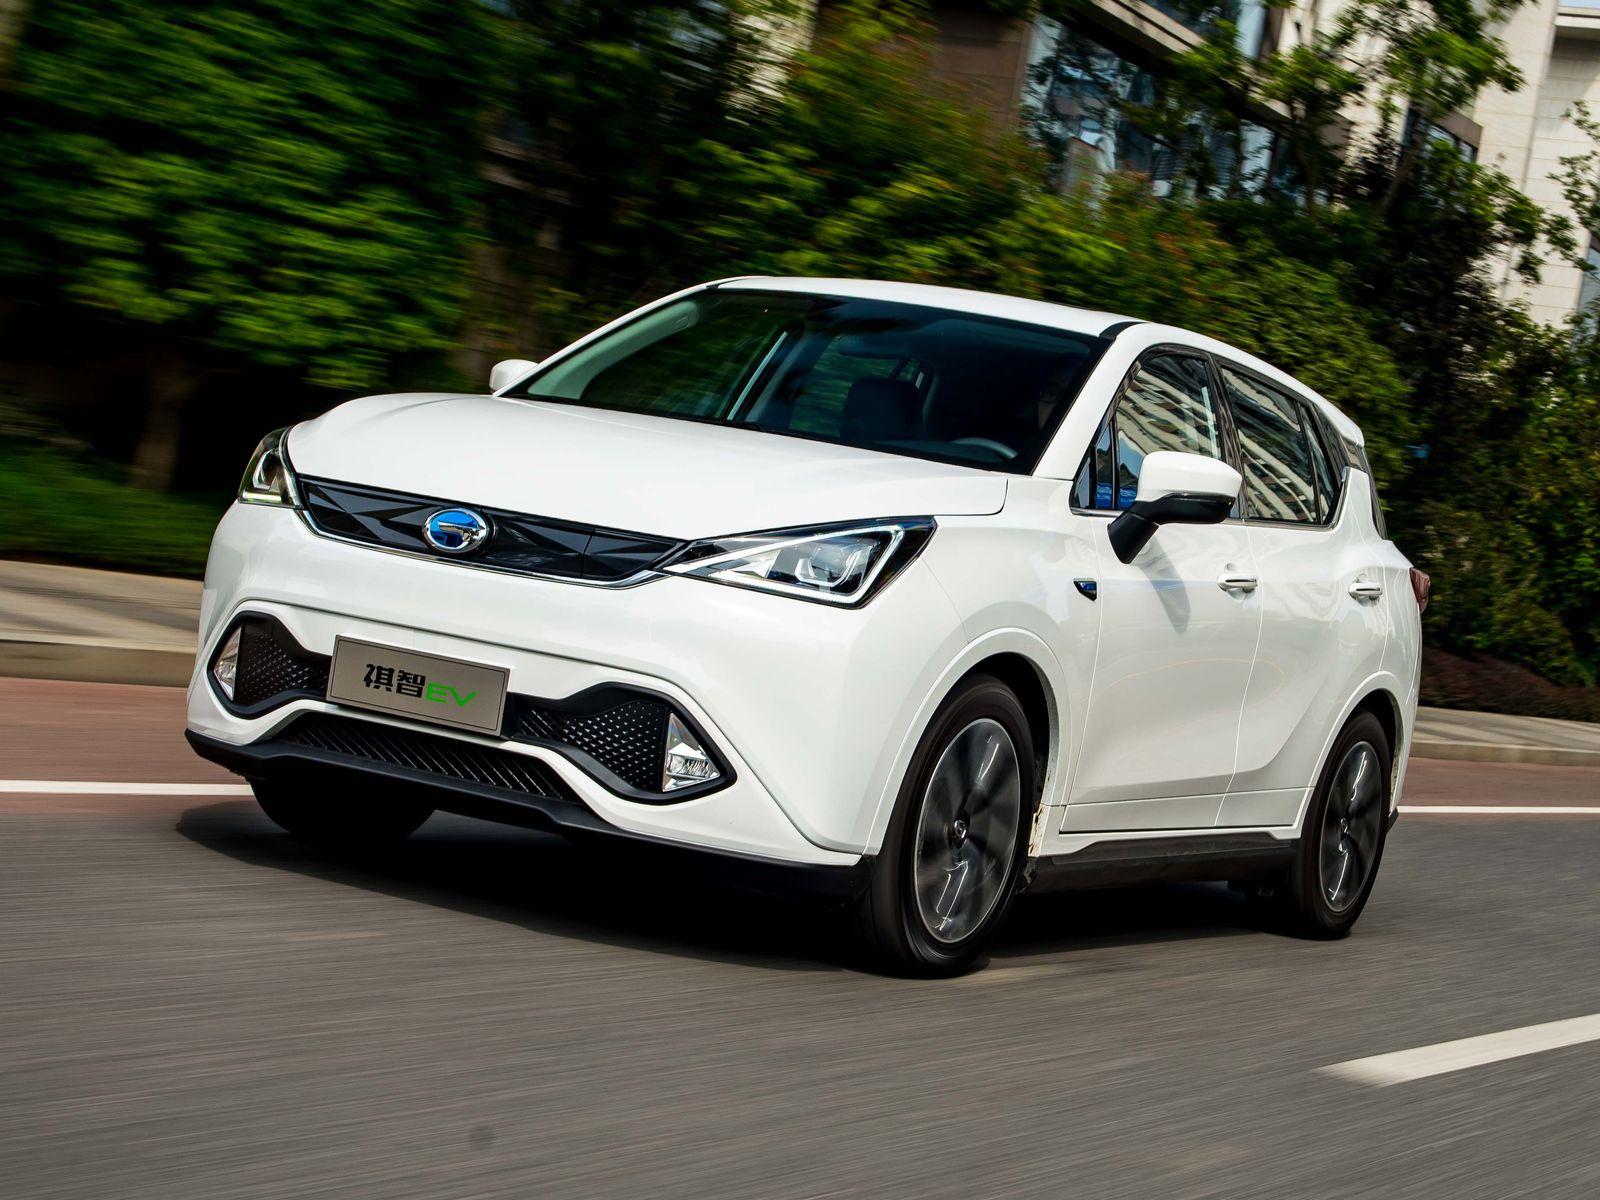 Клоны в обмен на кредиты: Mitsubishi представила электромобиль Eupheme EV